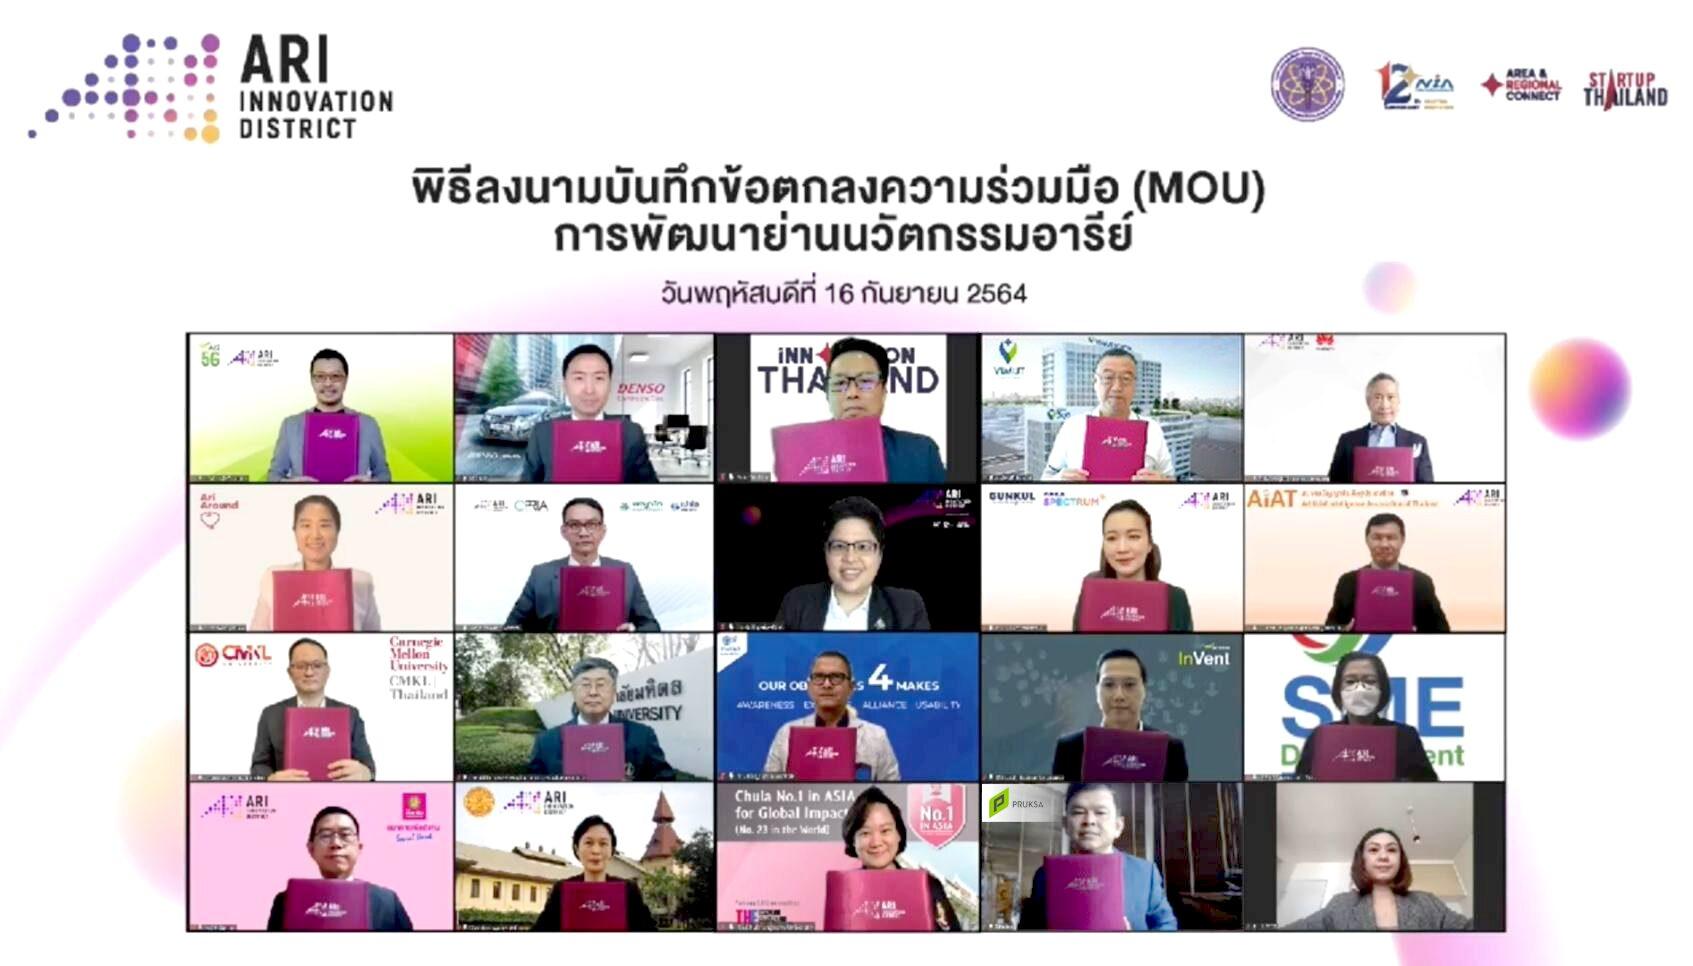 """""""พฤกษา"""" เอ็มโอยู รพ.วิมุต-สำนักงานนวัตกรรมแห่งชาติ พร้อม 18 พันธมิตร ดันอารีย์เป็นย่านนวัตกรรมเอไอแห่งแรกในไทย"""